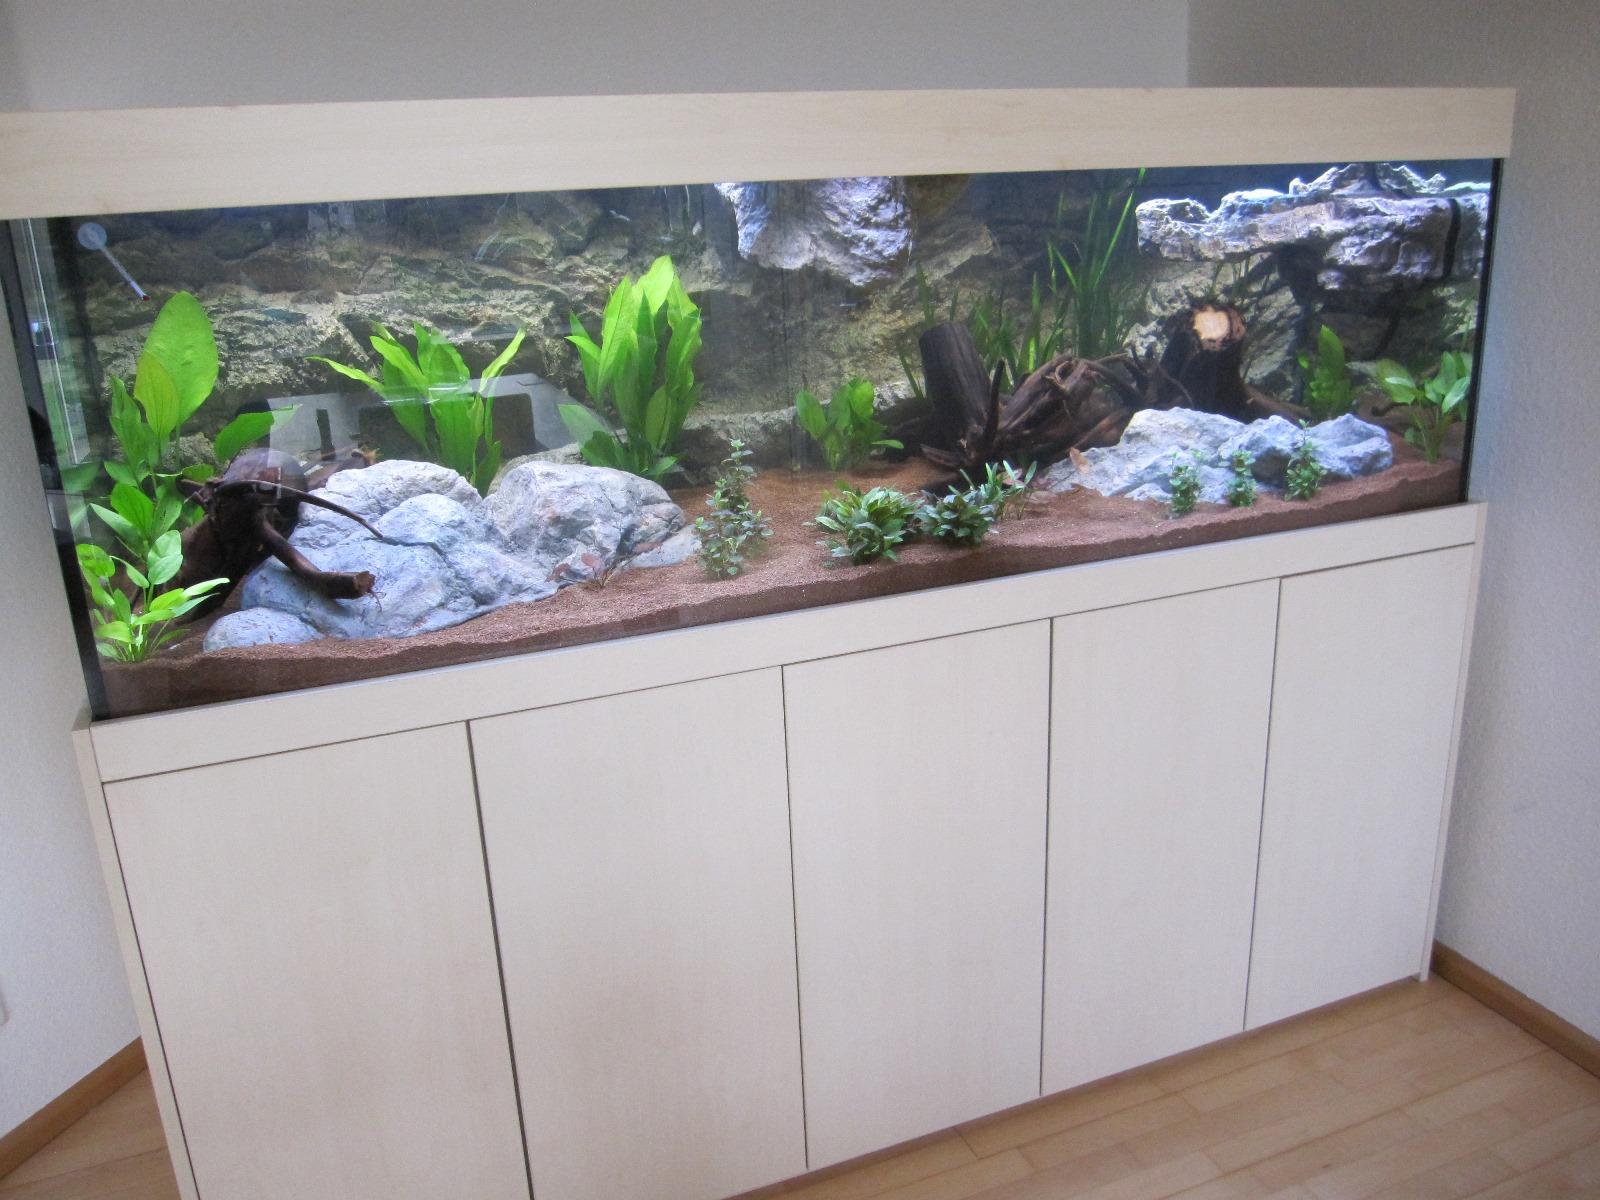 aquarien filtermatte filtermatte mit tee f rben aquarium forum r ckwand und filtermatte aus. Black Bedroom Furniture Sets. Home Design Ideas